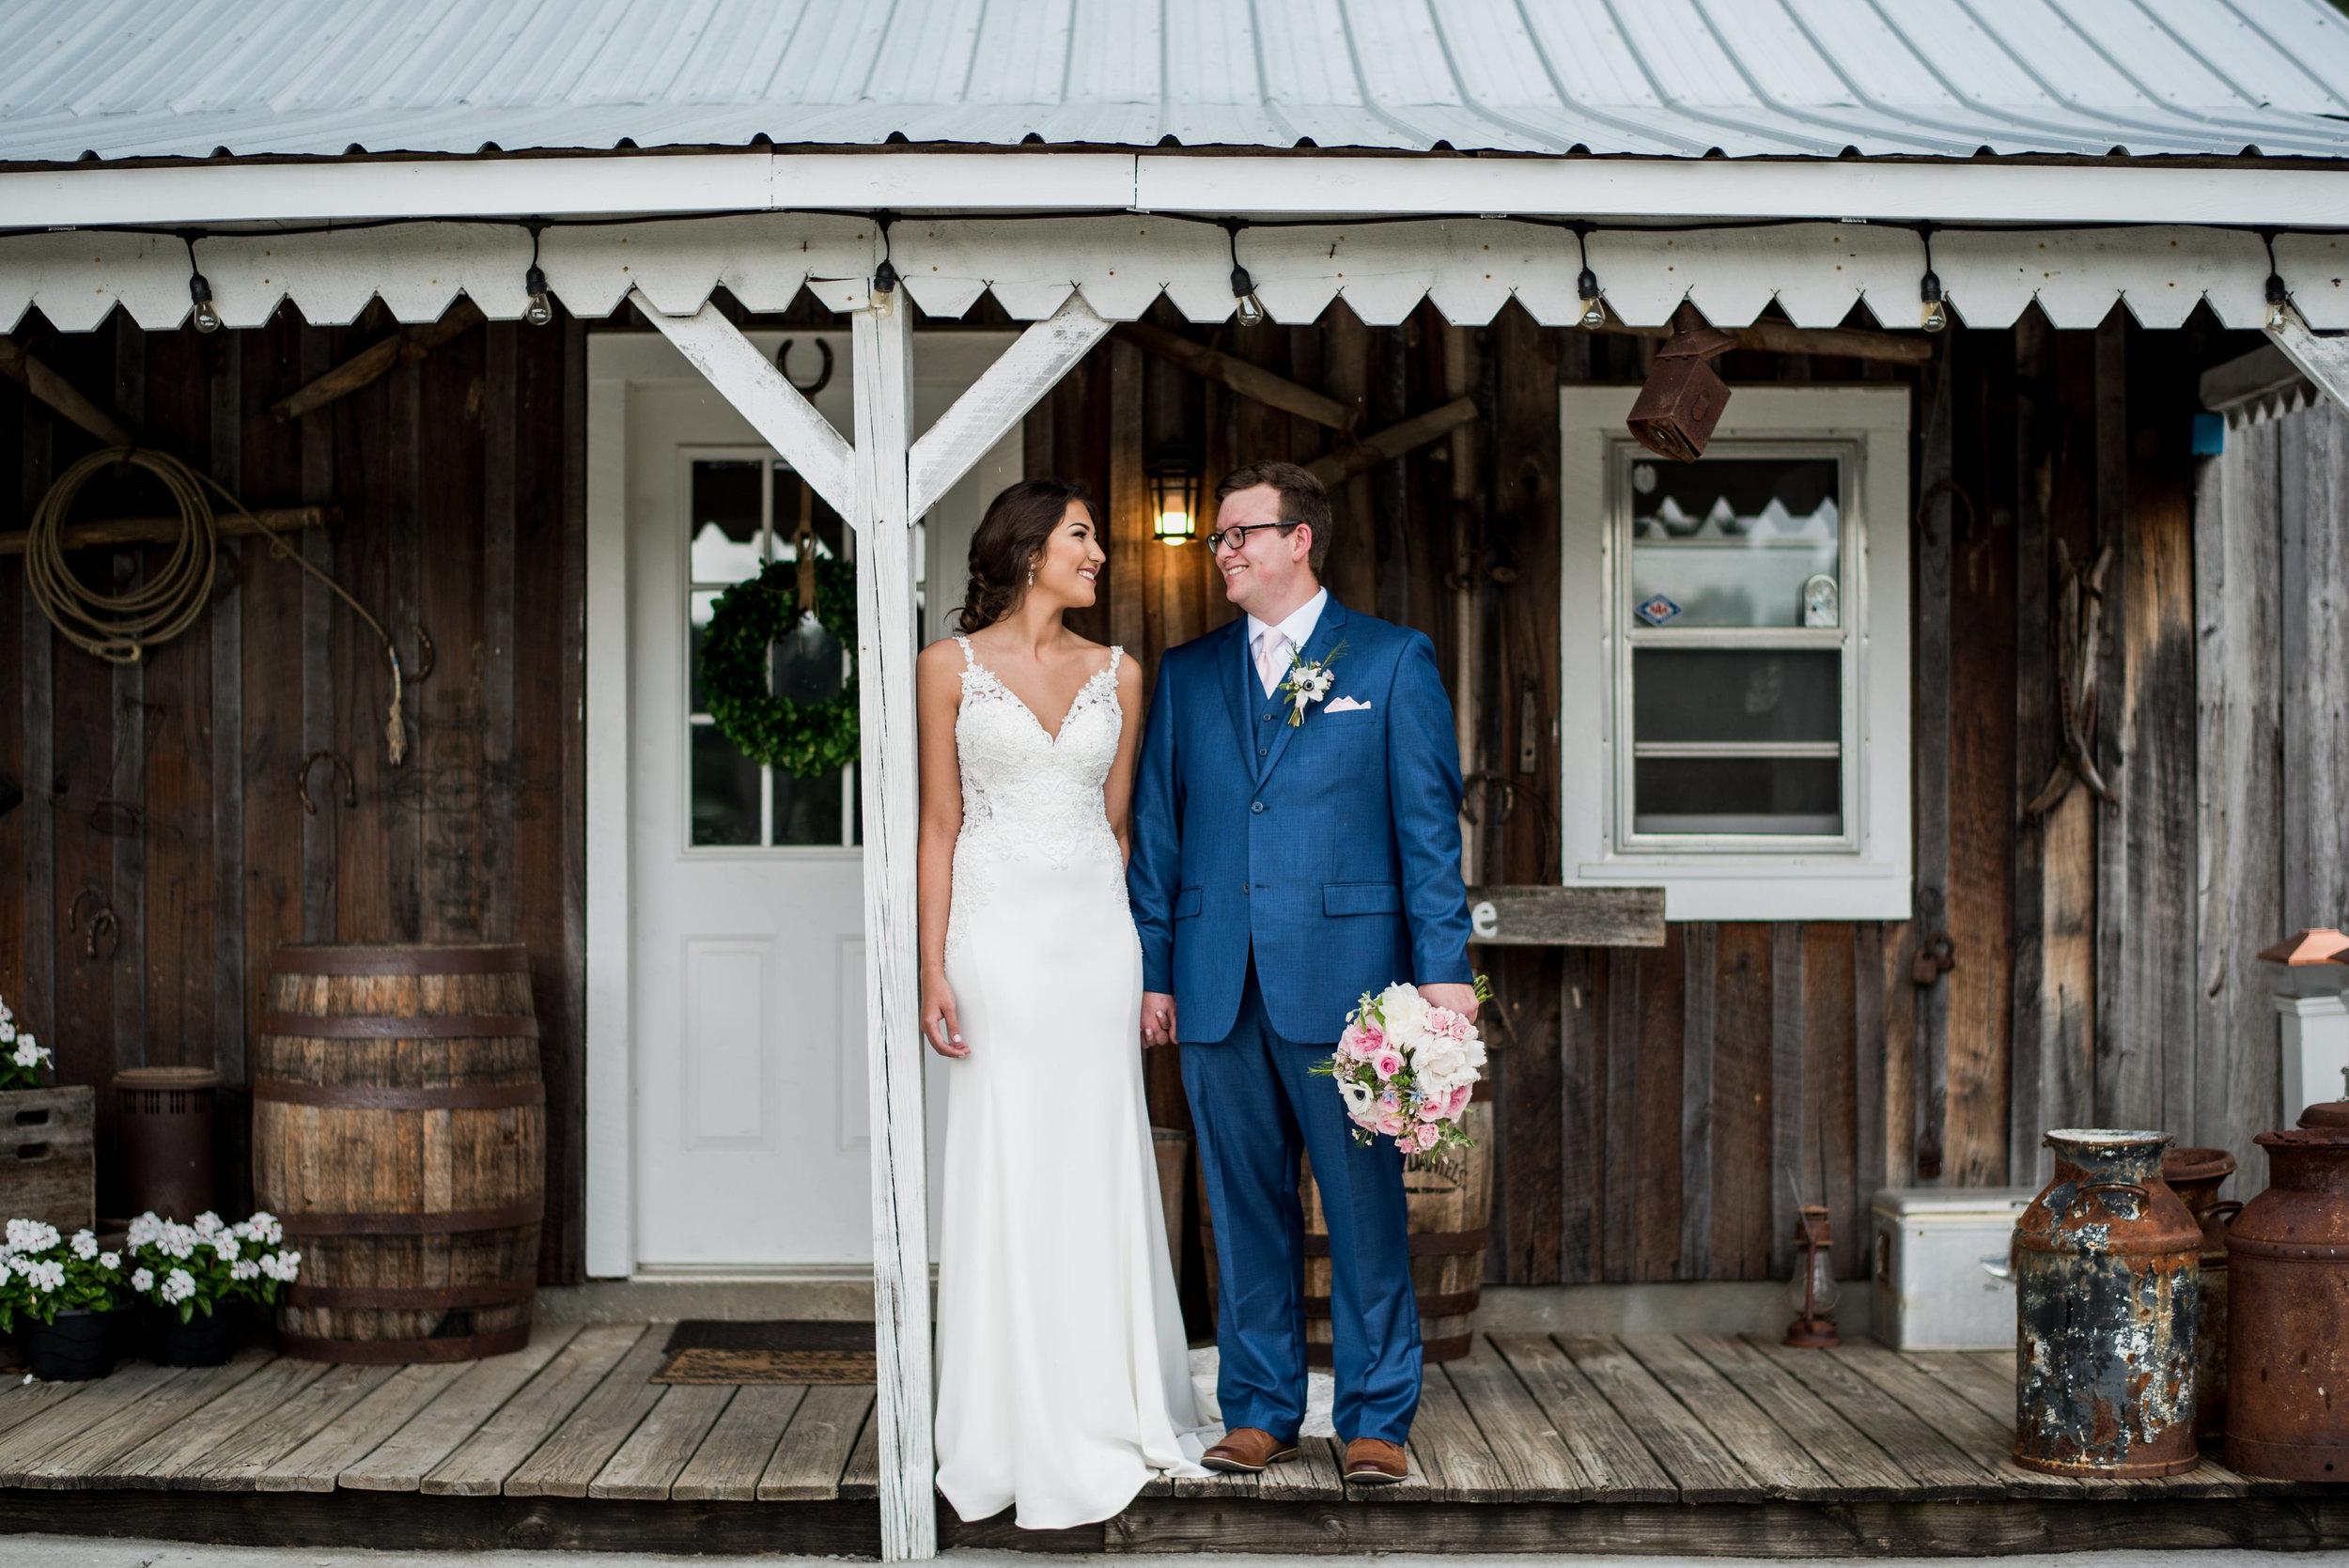 Saddlewood-Farms-Nashville-Wedding-Photographers-201.jpg